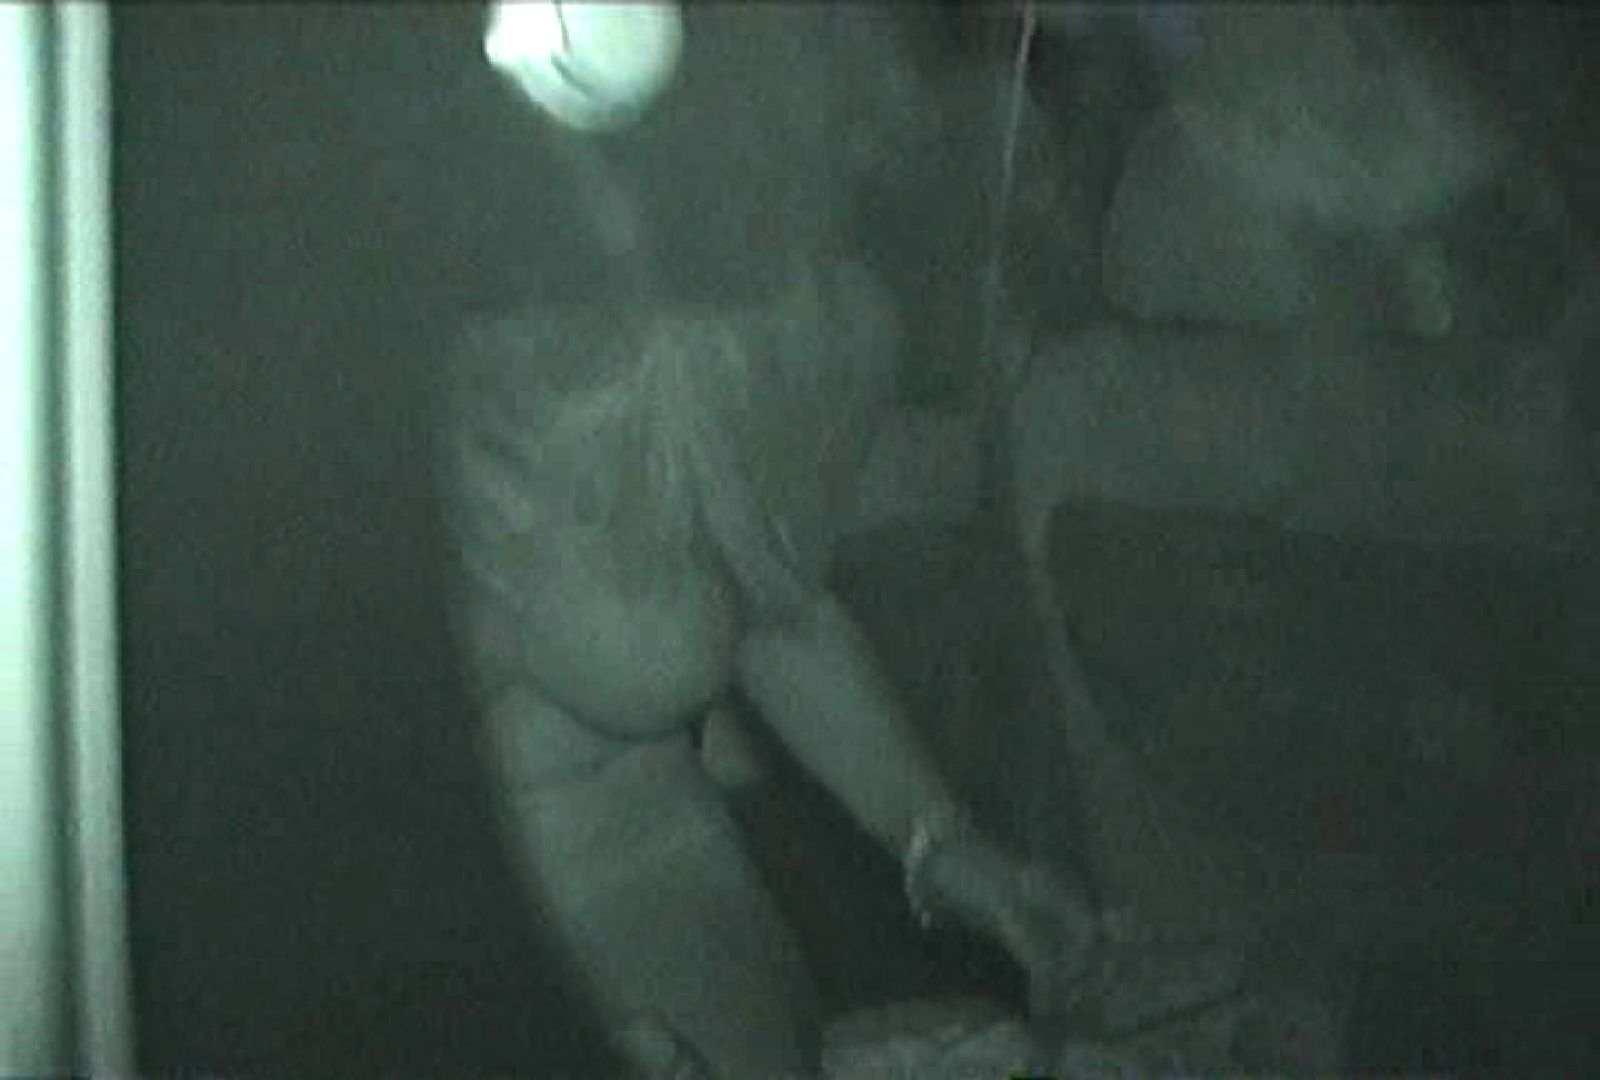 充血監督の深夜の運動会Vol.87 マンコ・ムレムレ | 美しいOLの裸体  83pic 13